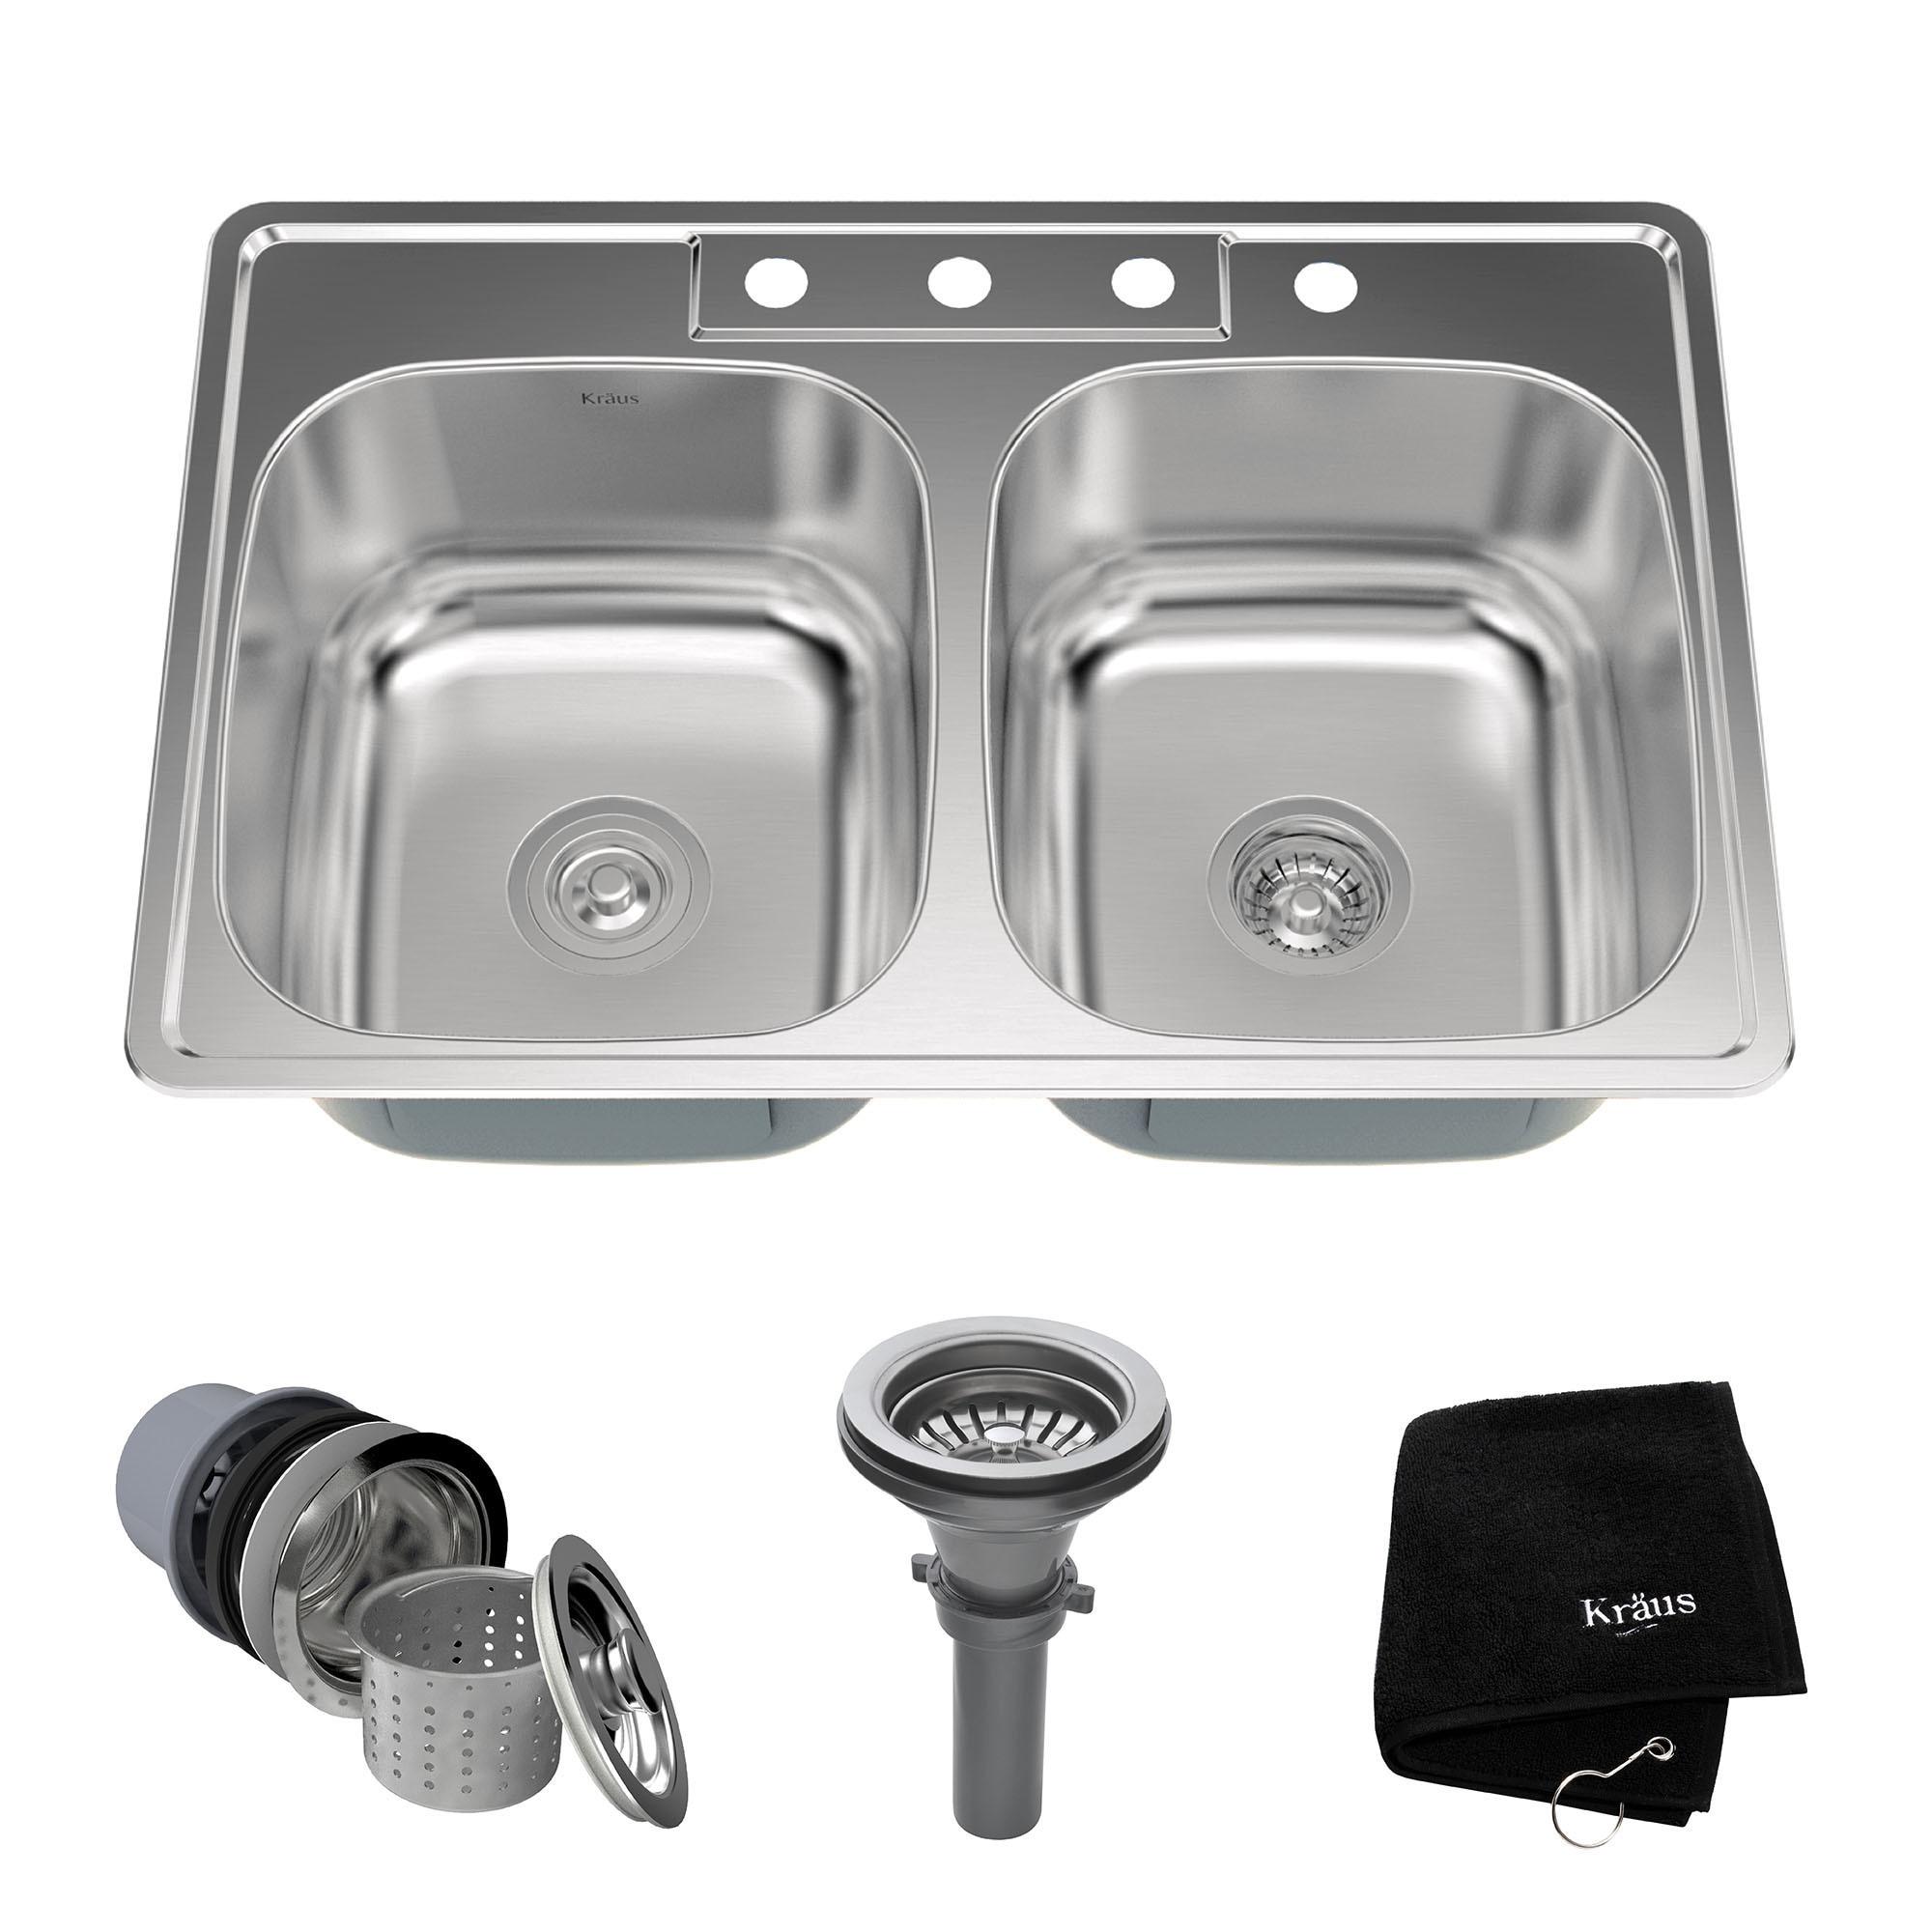 Kraus KTM33 Topmount Drop-in 33 in 2-Bowl Stainless Steel Kitchen Sink